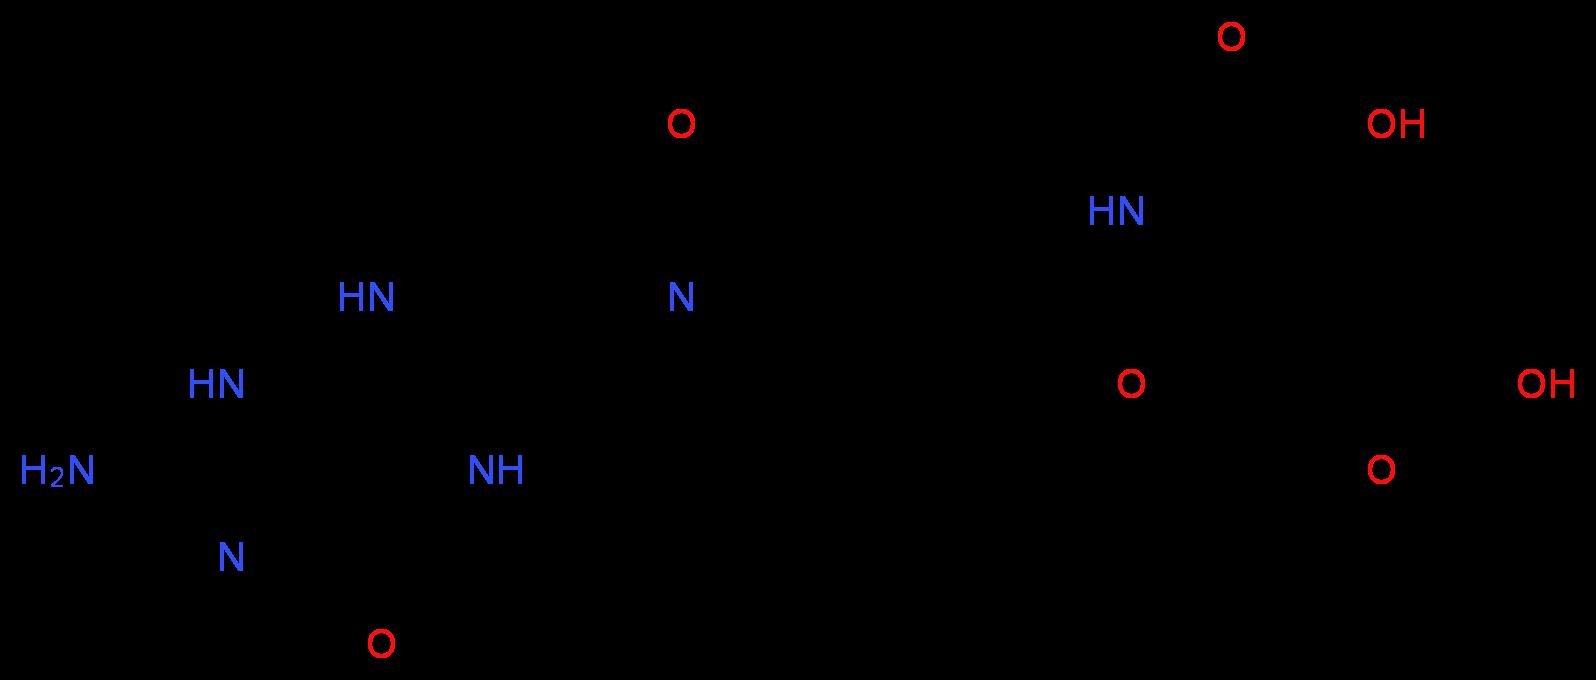 2800-34-2 分子结构